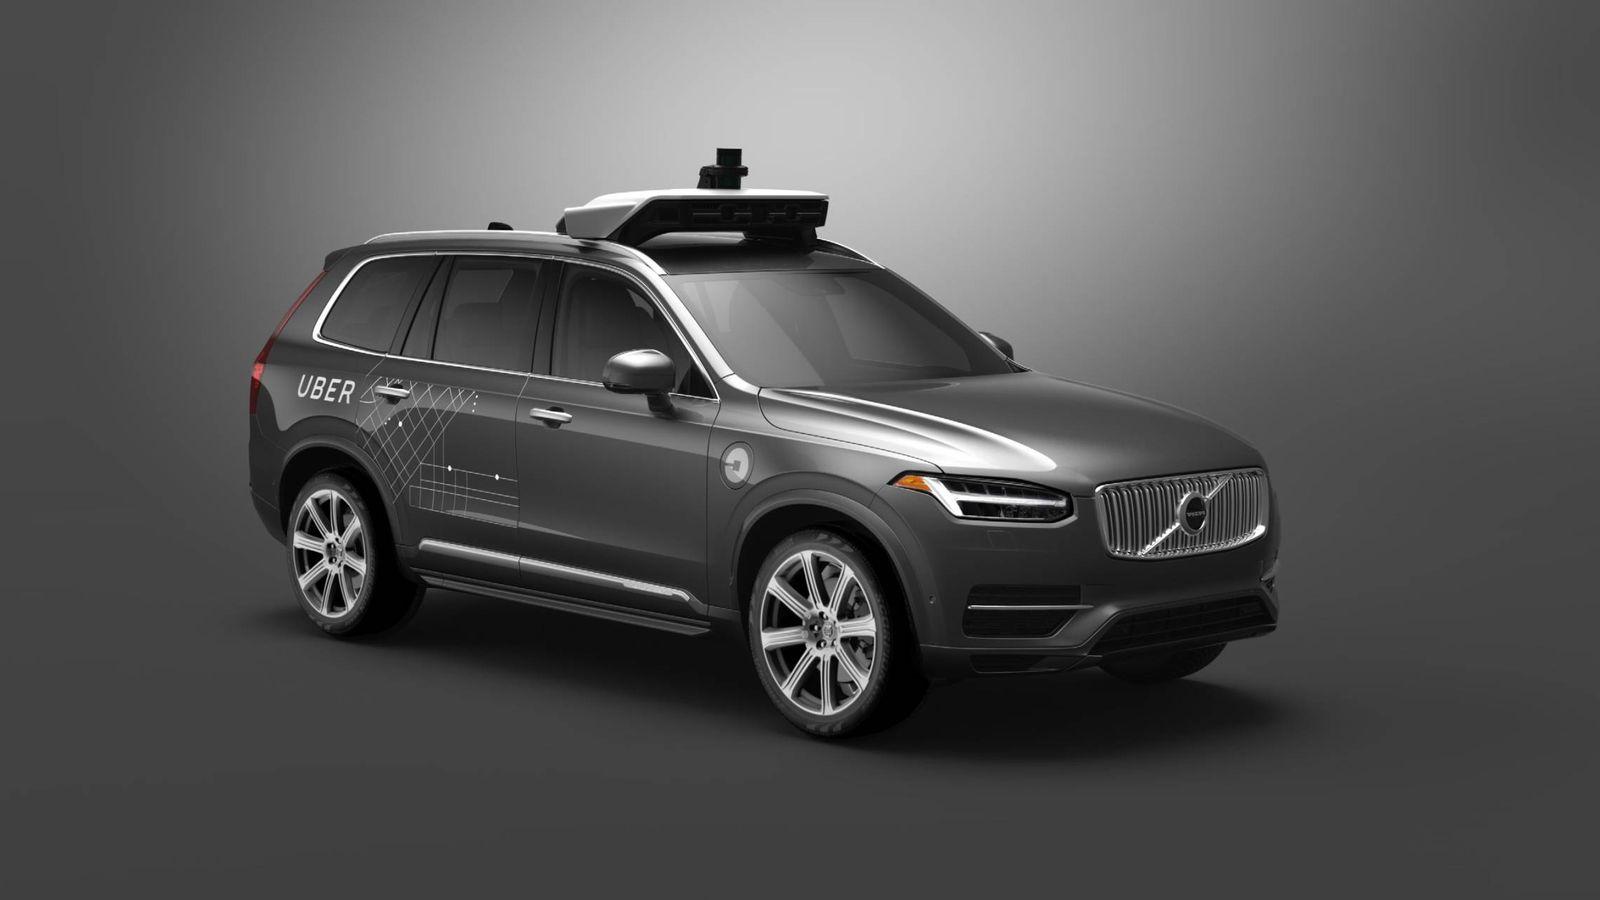 Foto: Proyecto conjunto de Volvo y Uber